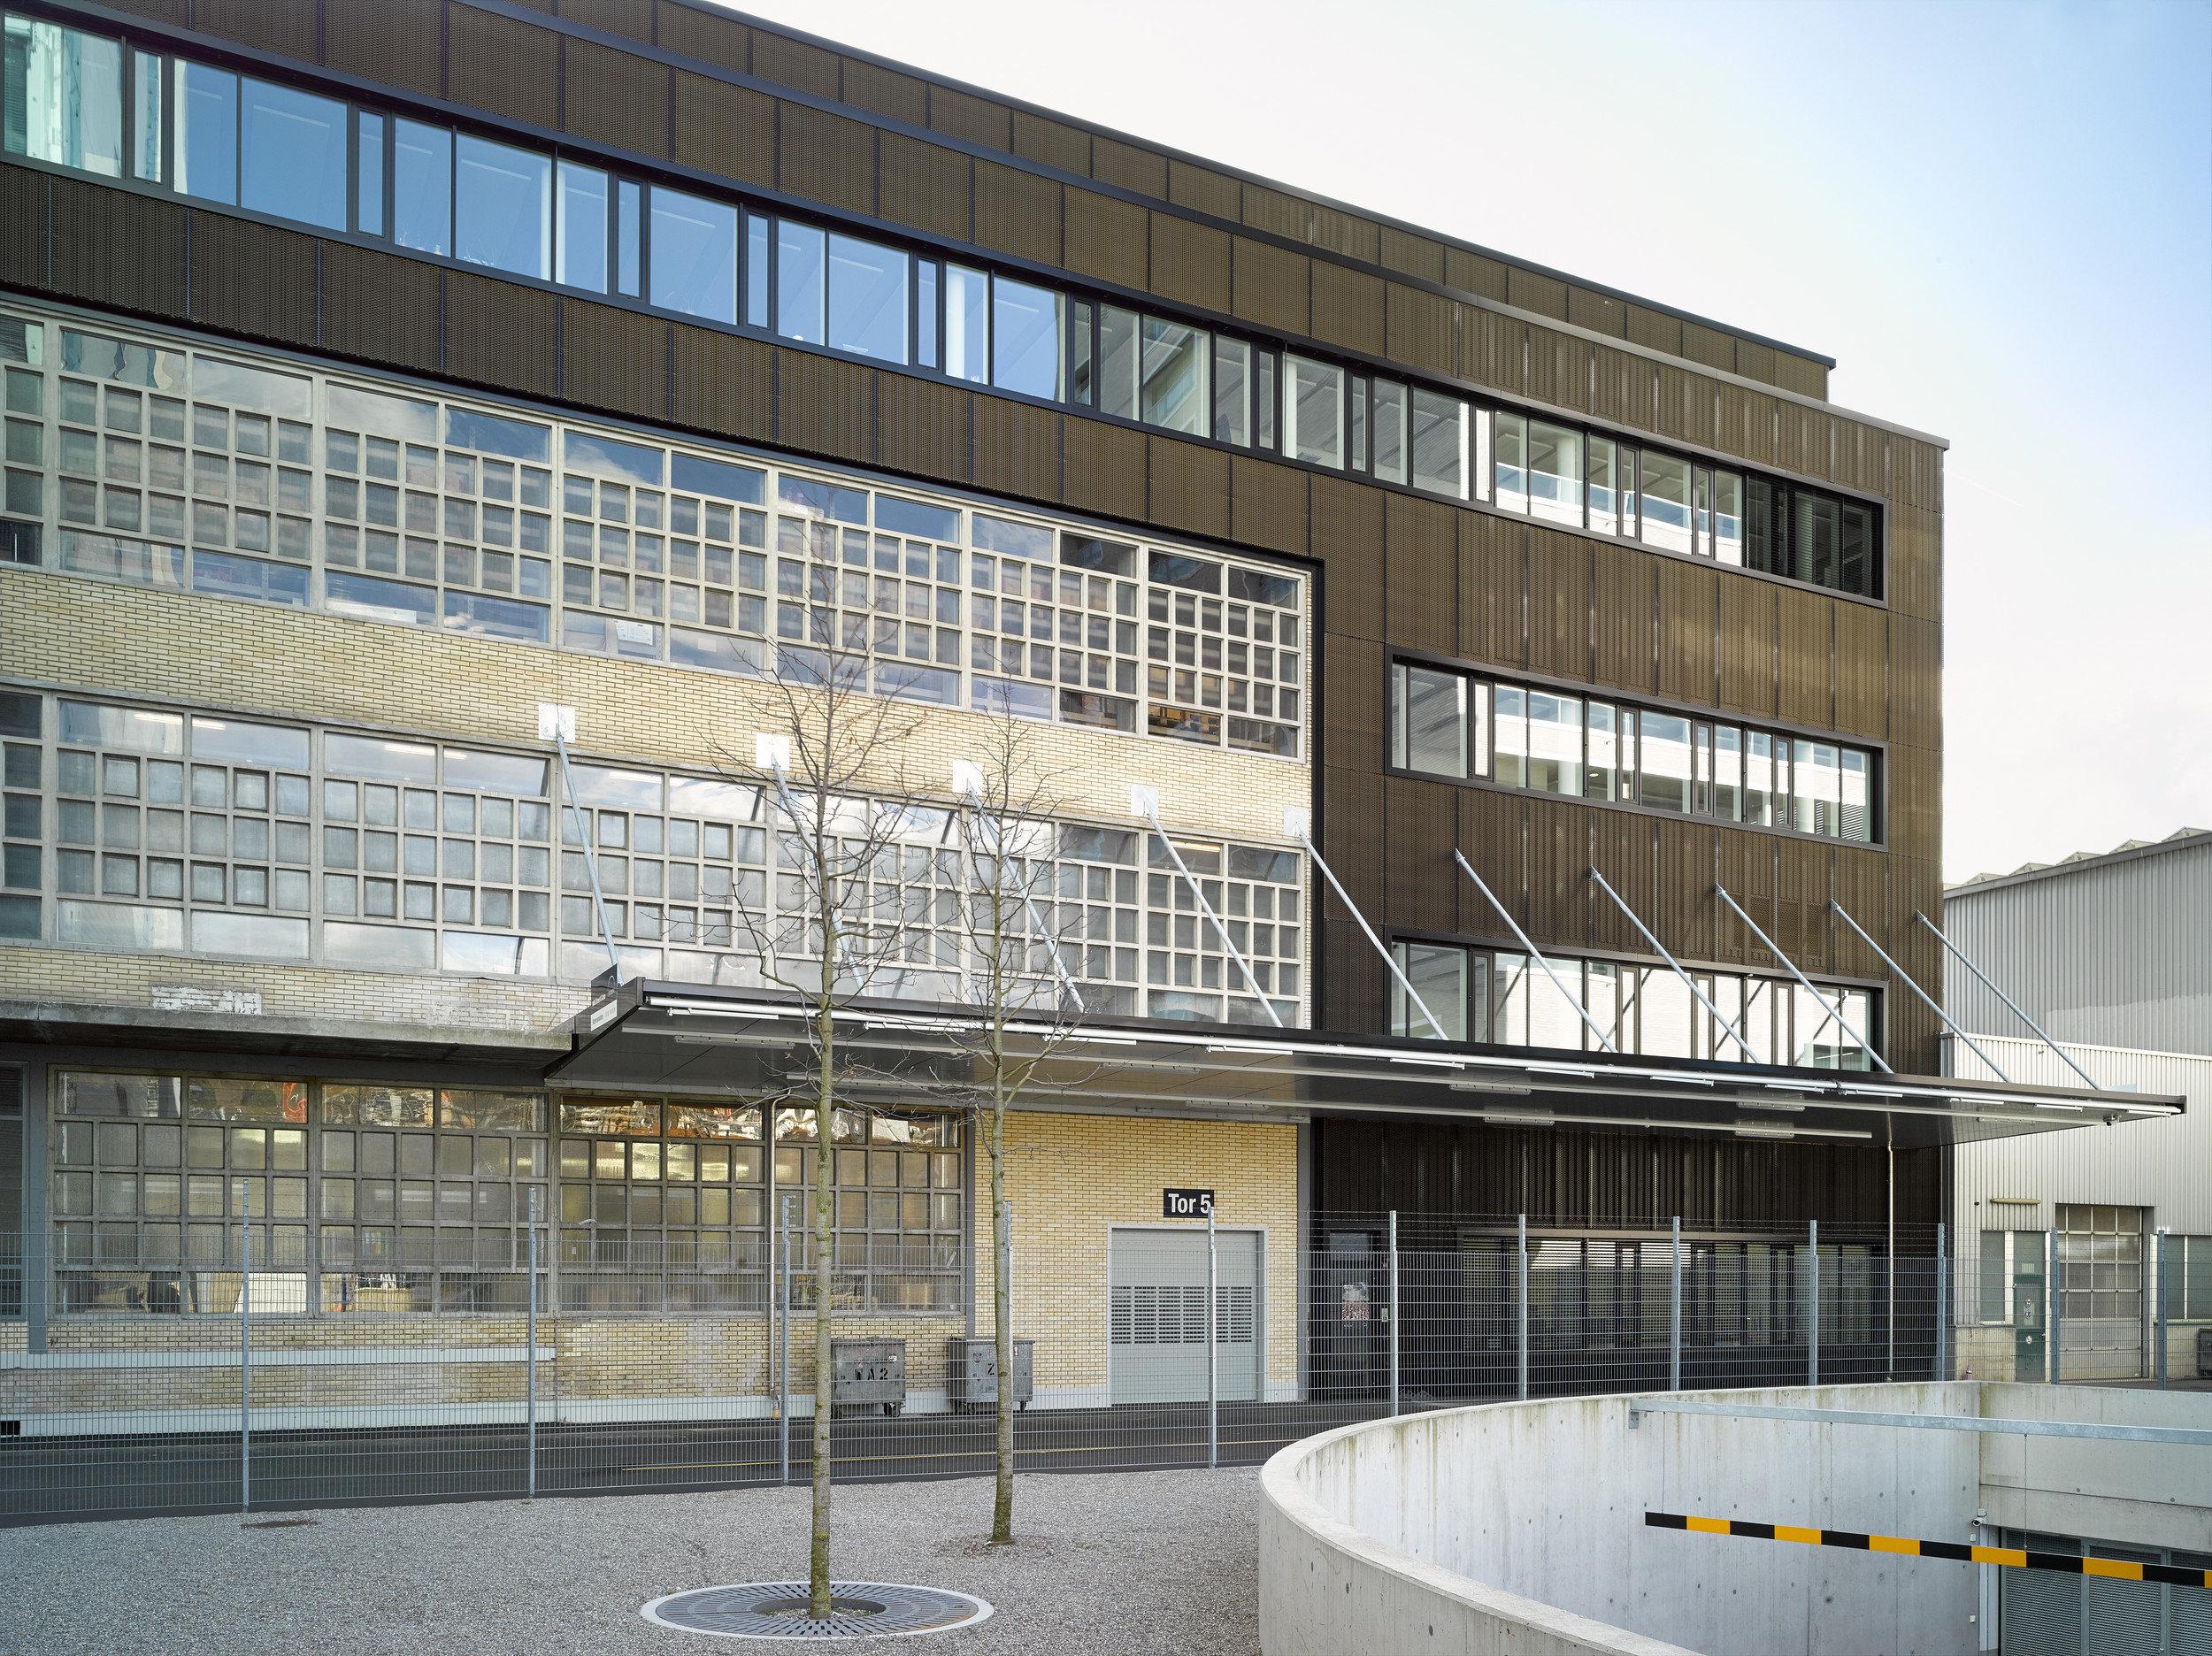 mehrstöckiges Magazingebäude mit Pfosten-Riegelfassade